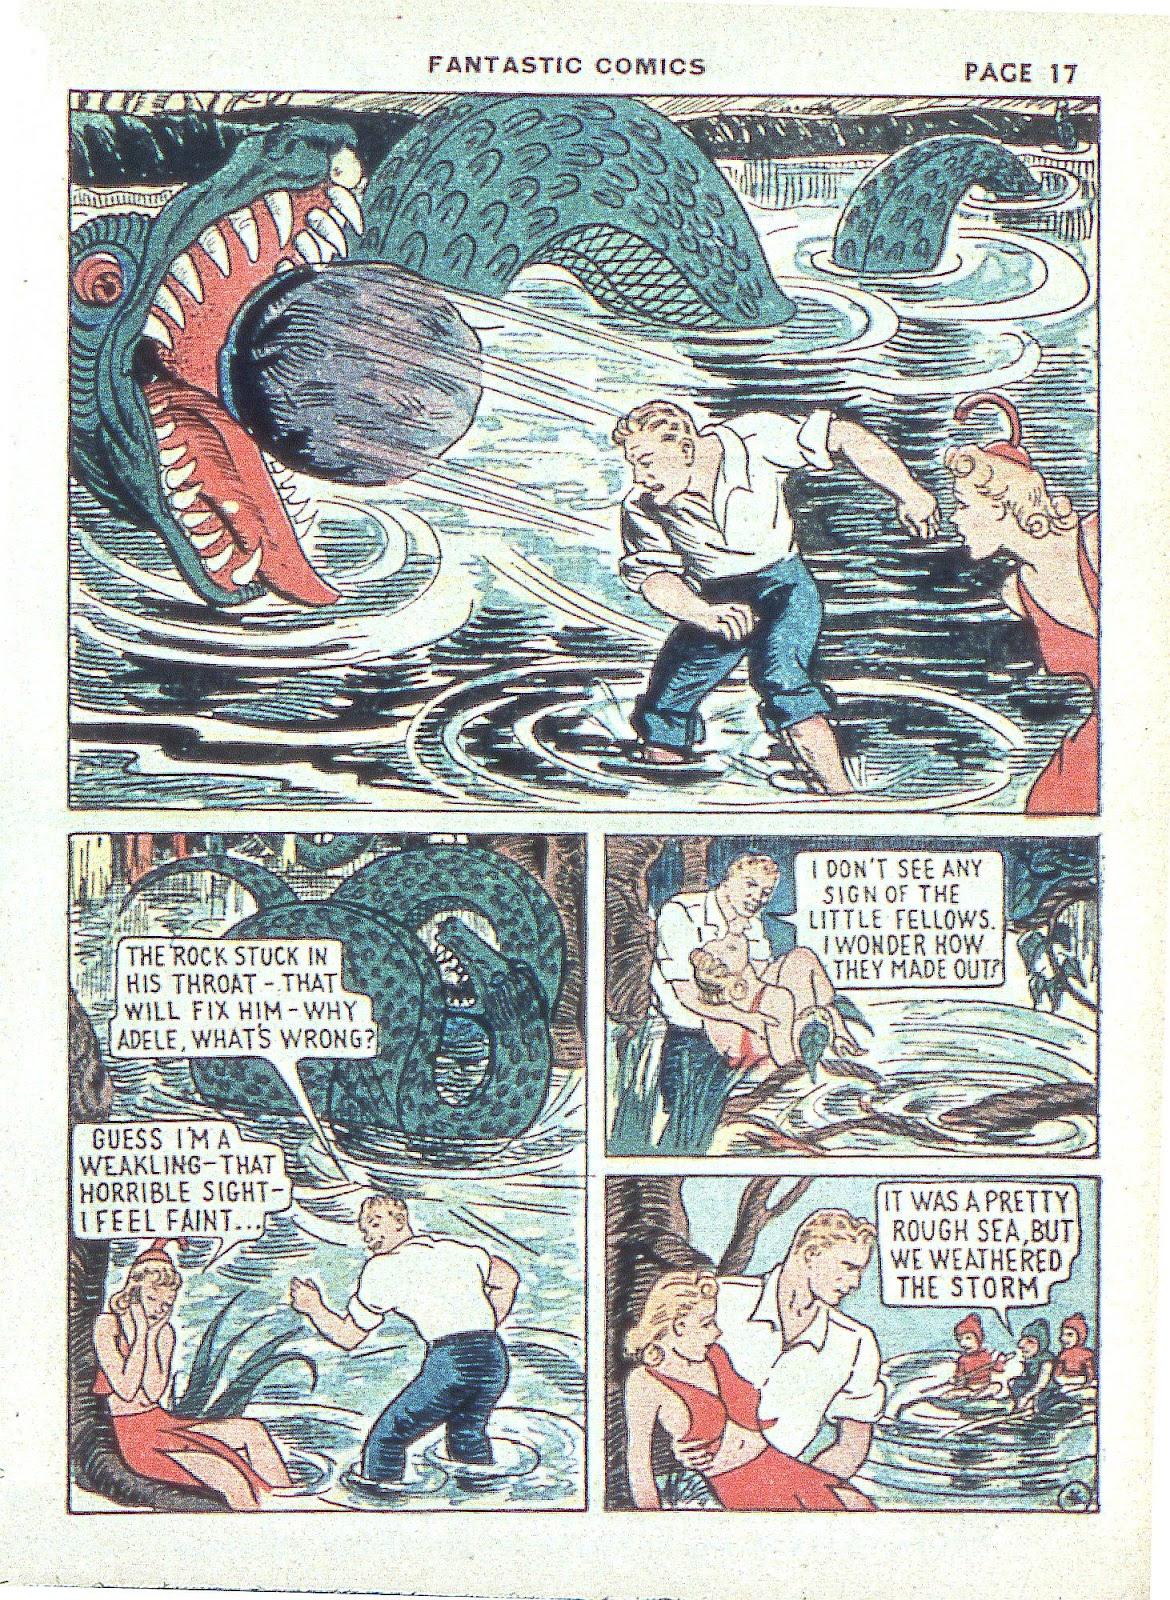 Read online Fantastic Comics comic -  Issue #3 - 20